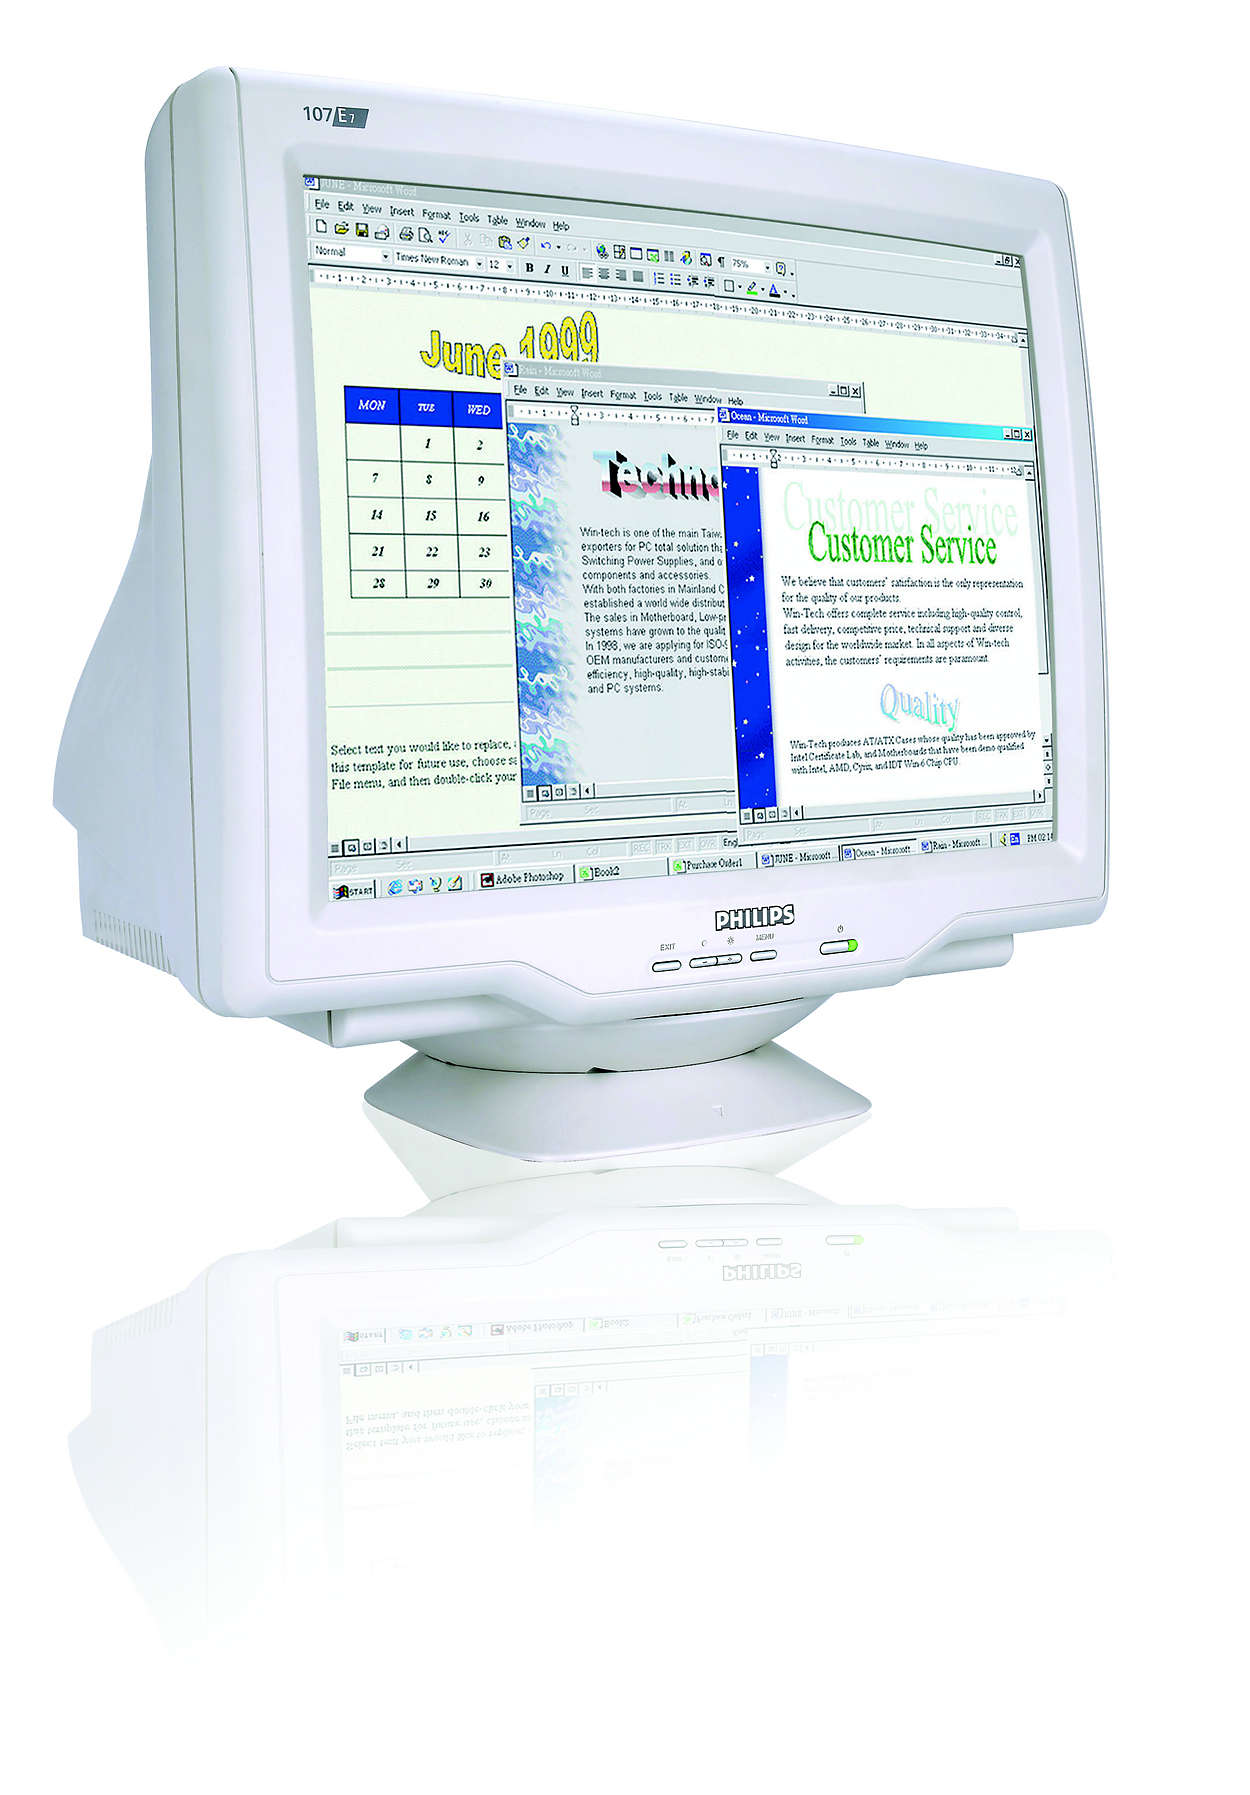 gedigitaliseerde CRT, ideaal schermformaat en waarde